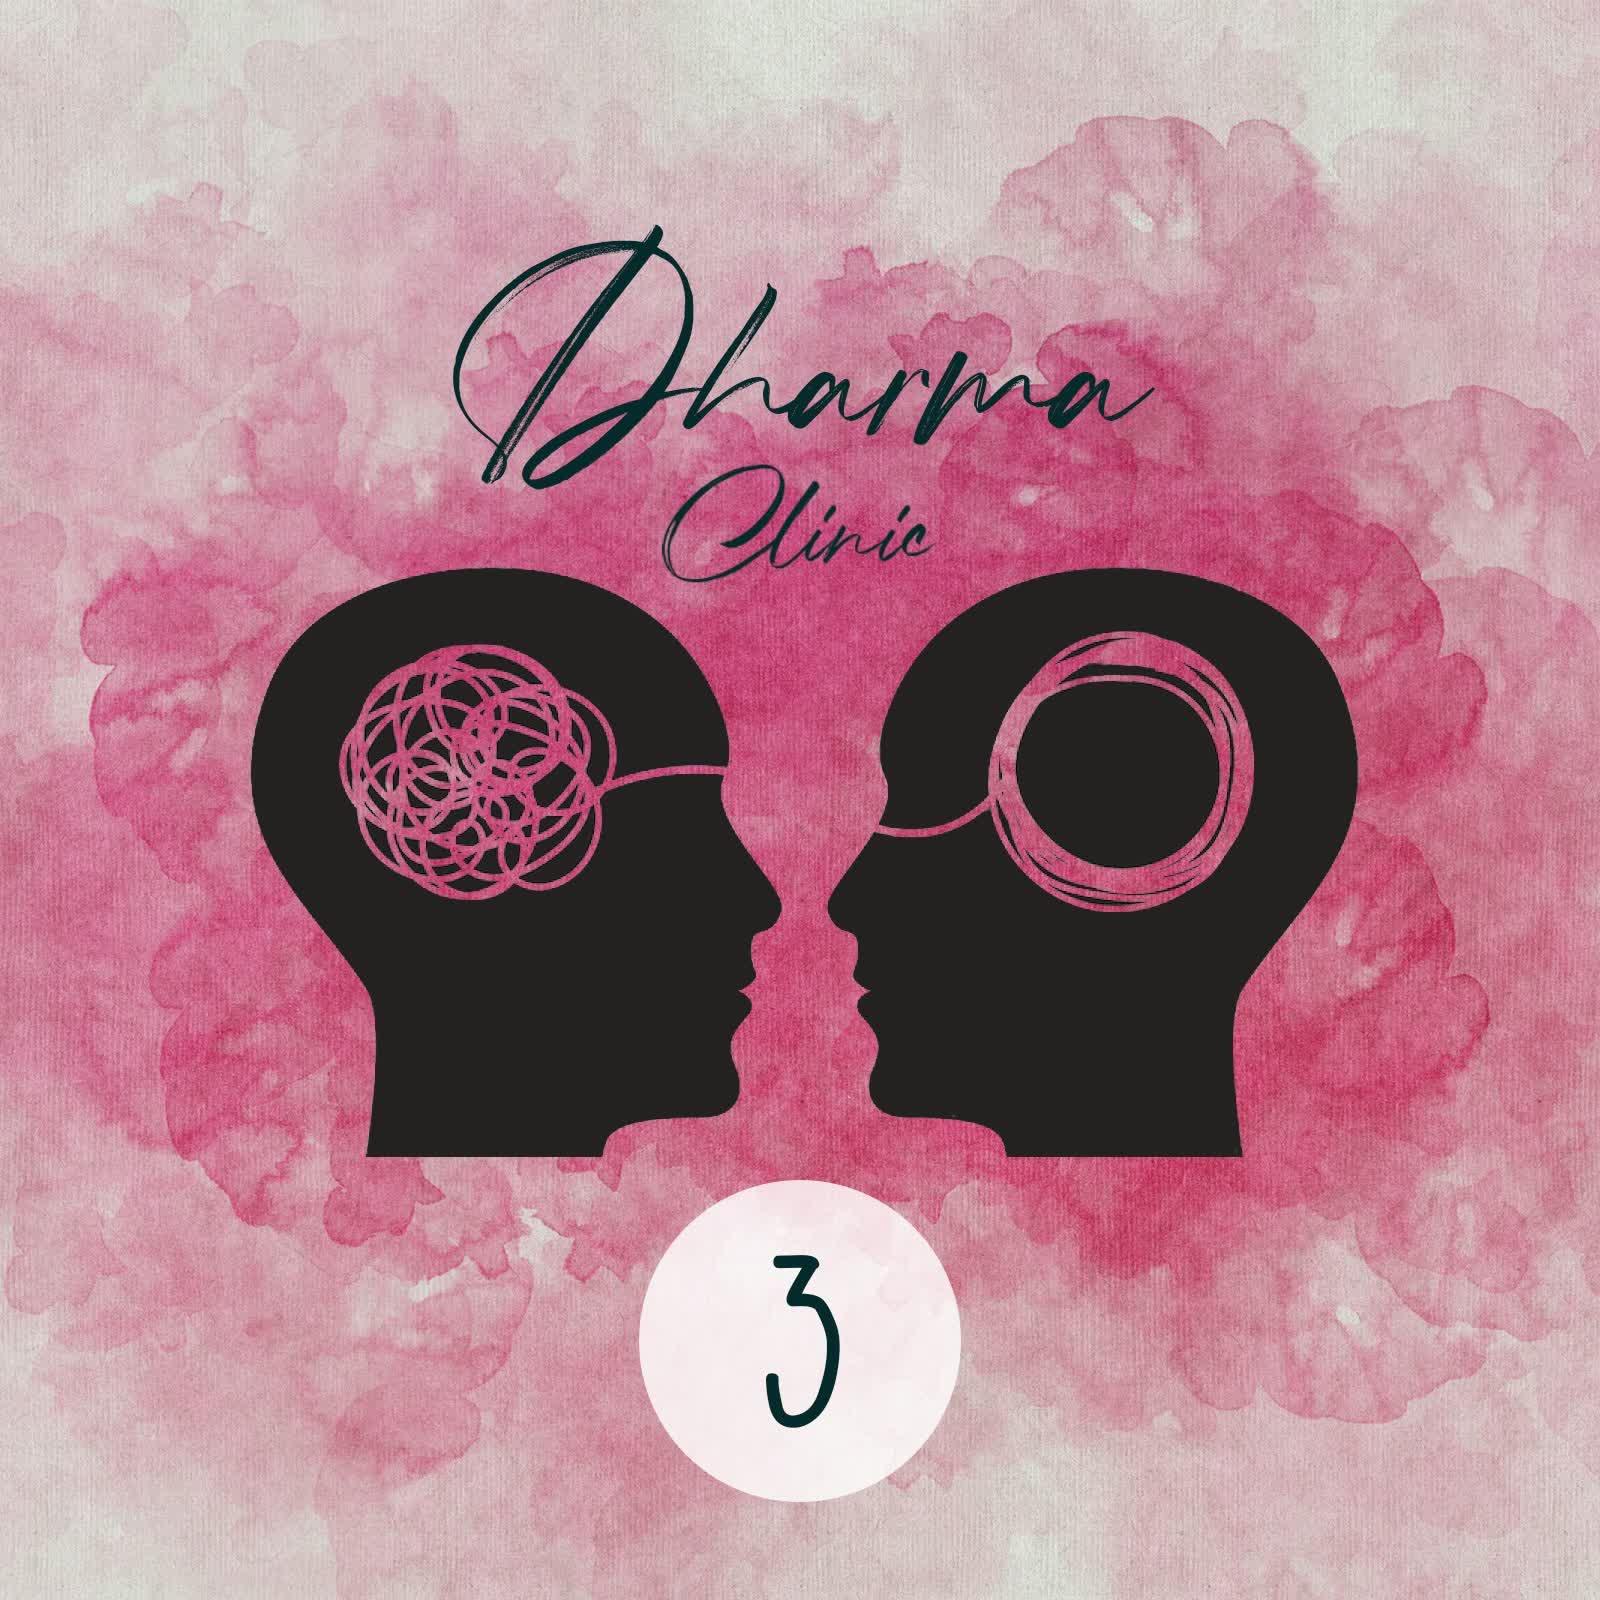 فصل دوم بخش سوم: سلامت روان، زمان مراجعه به درمانگر، گریه کردن مردها، فواید و عوارض مدیتیشن